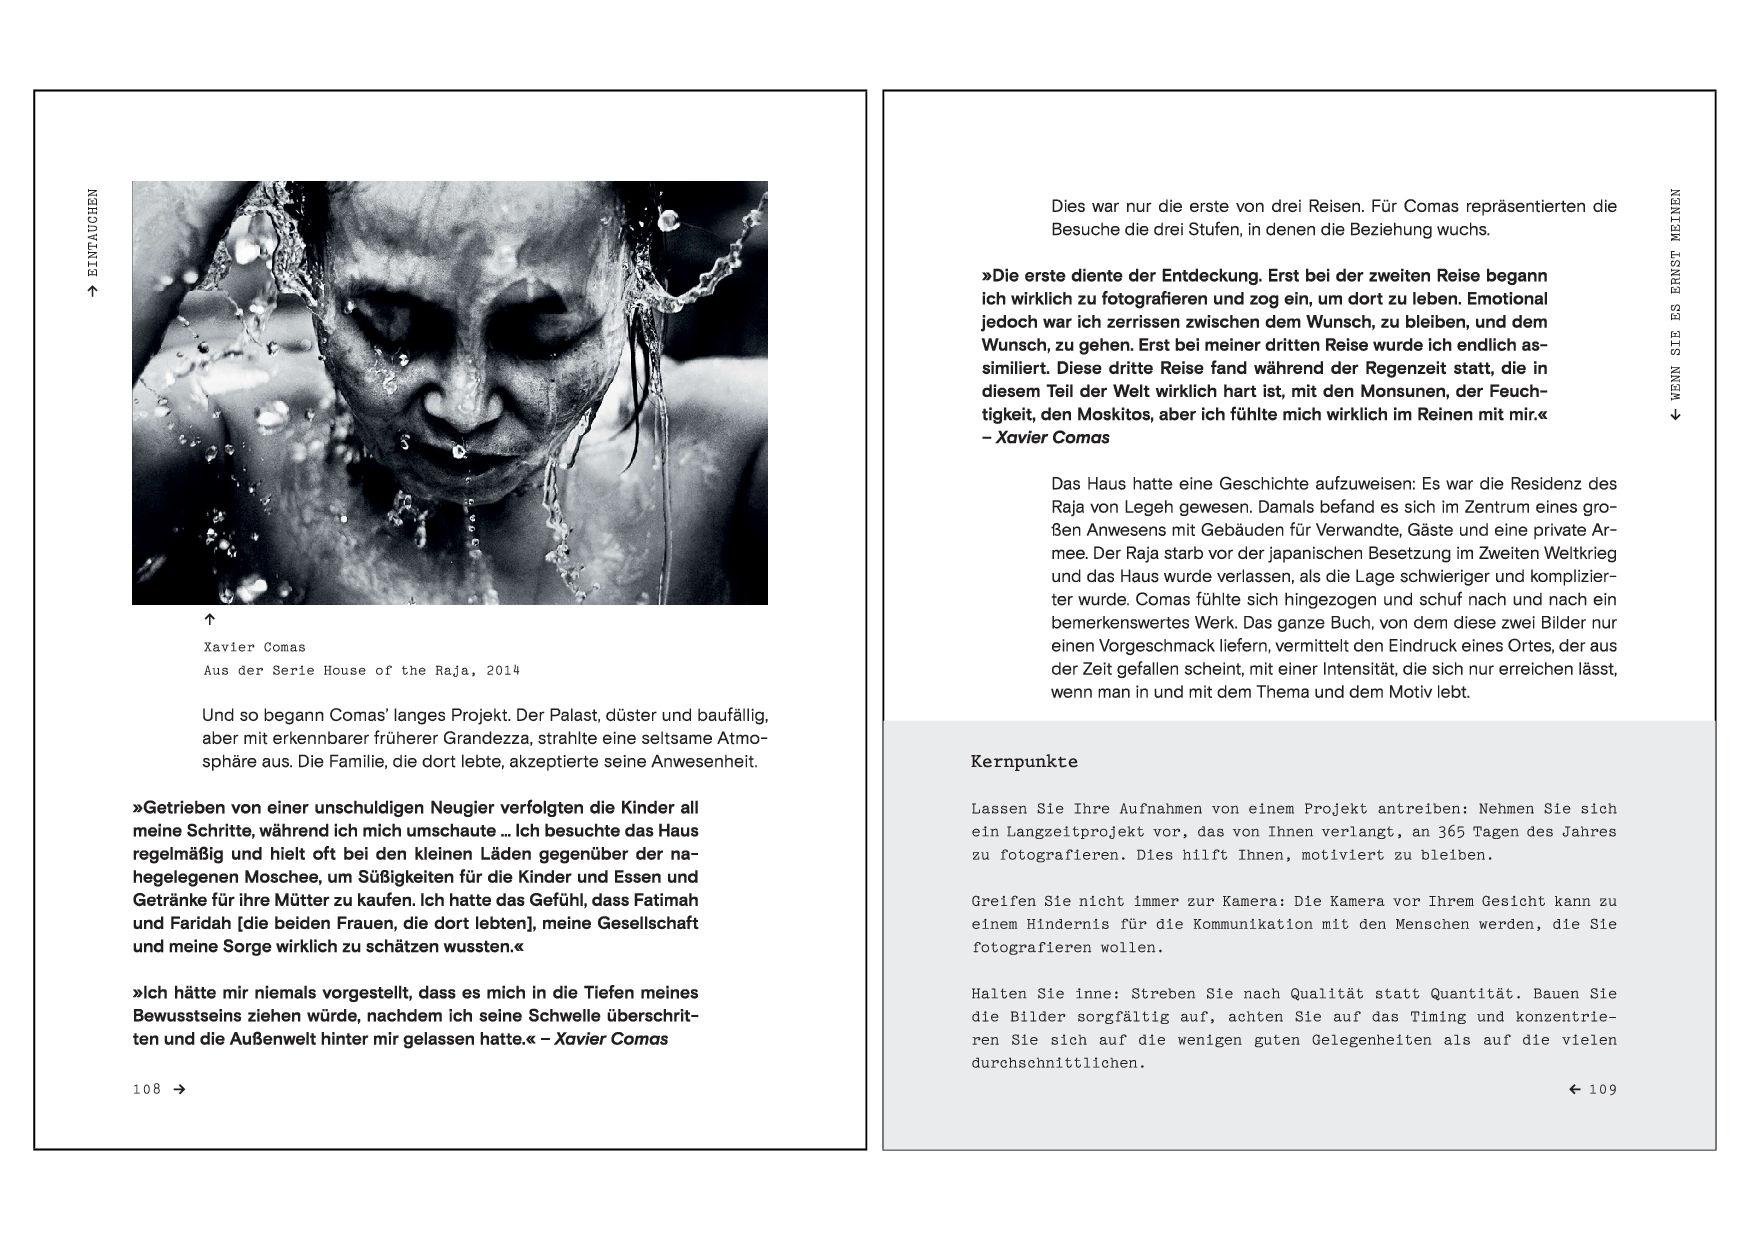 Einzigartige Fotos Blick in Buch Bild 4